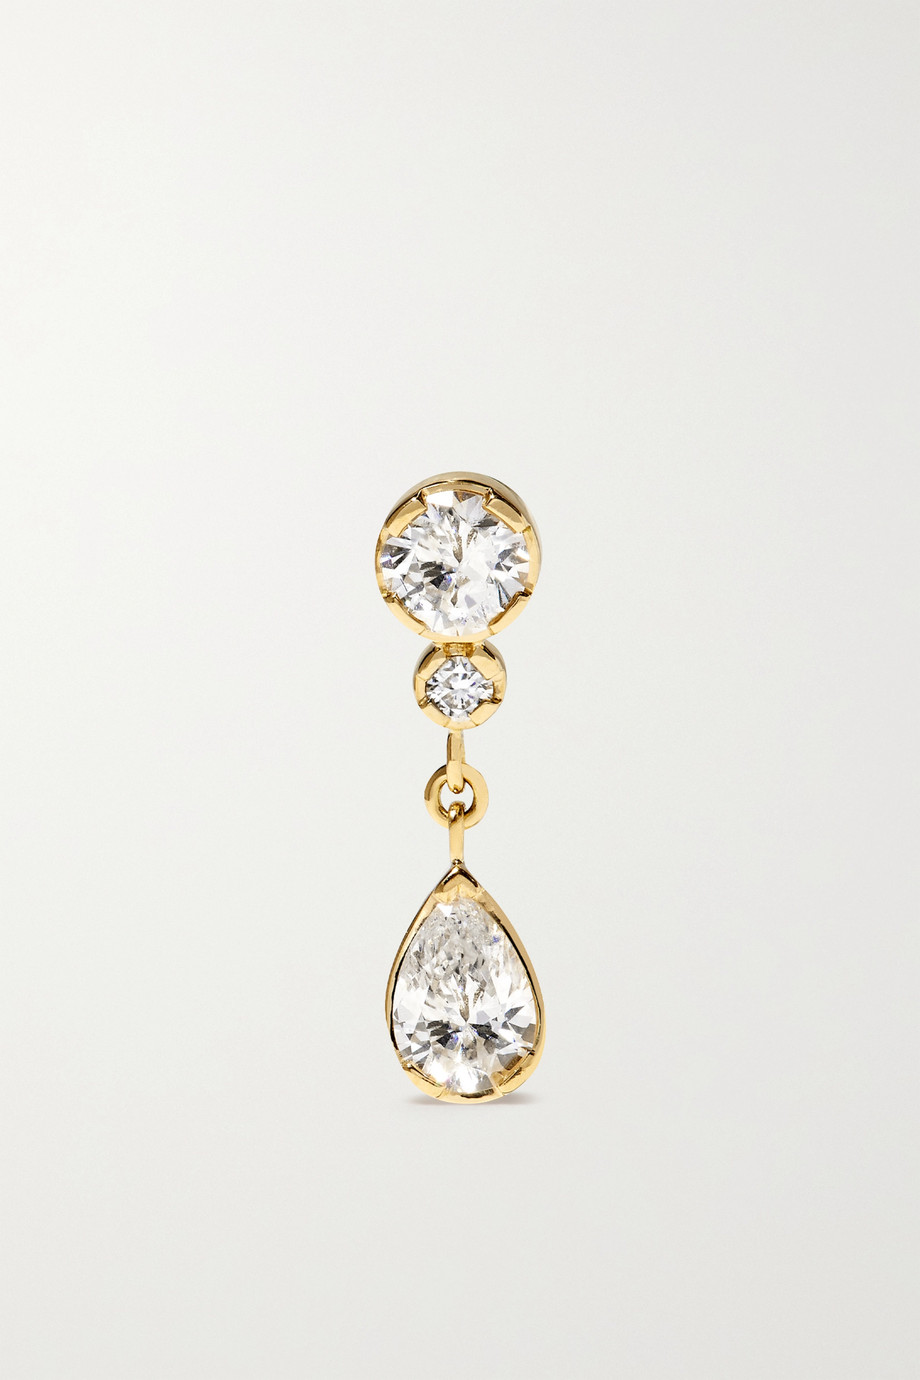 Sophie Bille Brahe Boucle d'oreille unique en or 18 carats (750/1000) et diamants Goutte